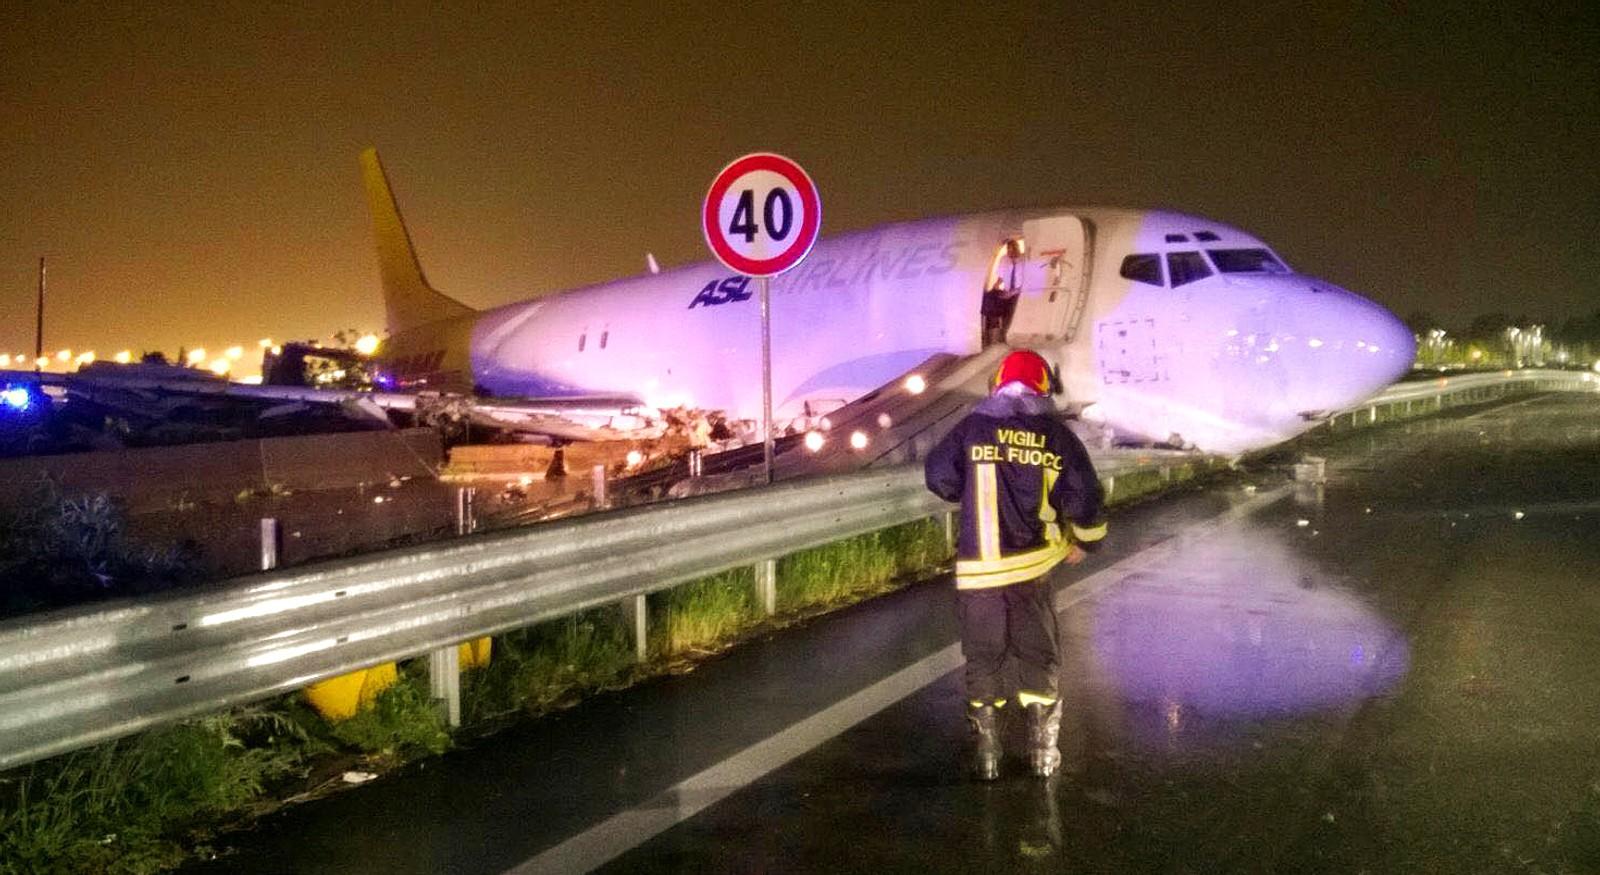 Et lastefly skled ut av flyplassen og ut på en vei i Bergamo i Italia i morgentimene den 5. august. Det skal ha vært et voldsomt regnvær like før ulykken. Flyet skal ha ødelagt noen leiebiler, men heldigvis ble ingen mennesker skadd.